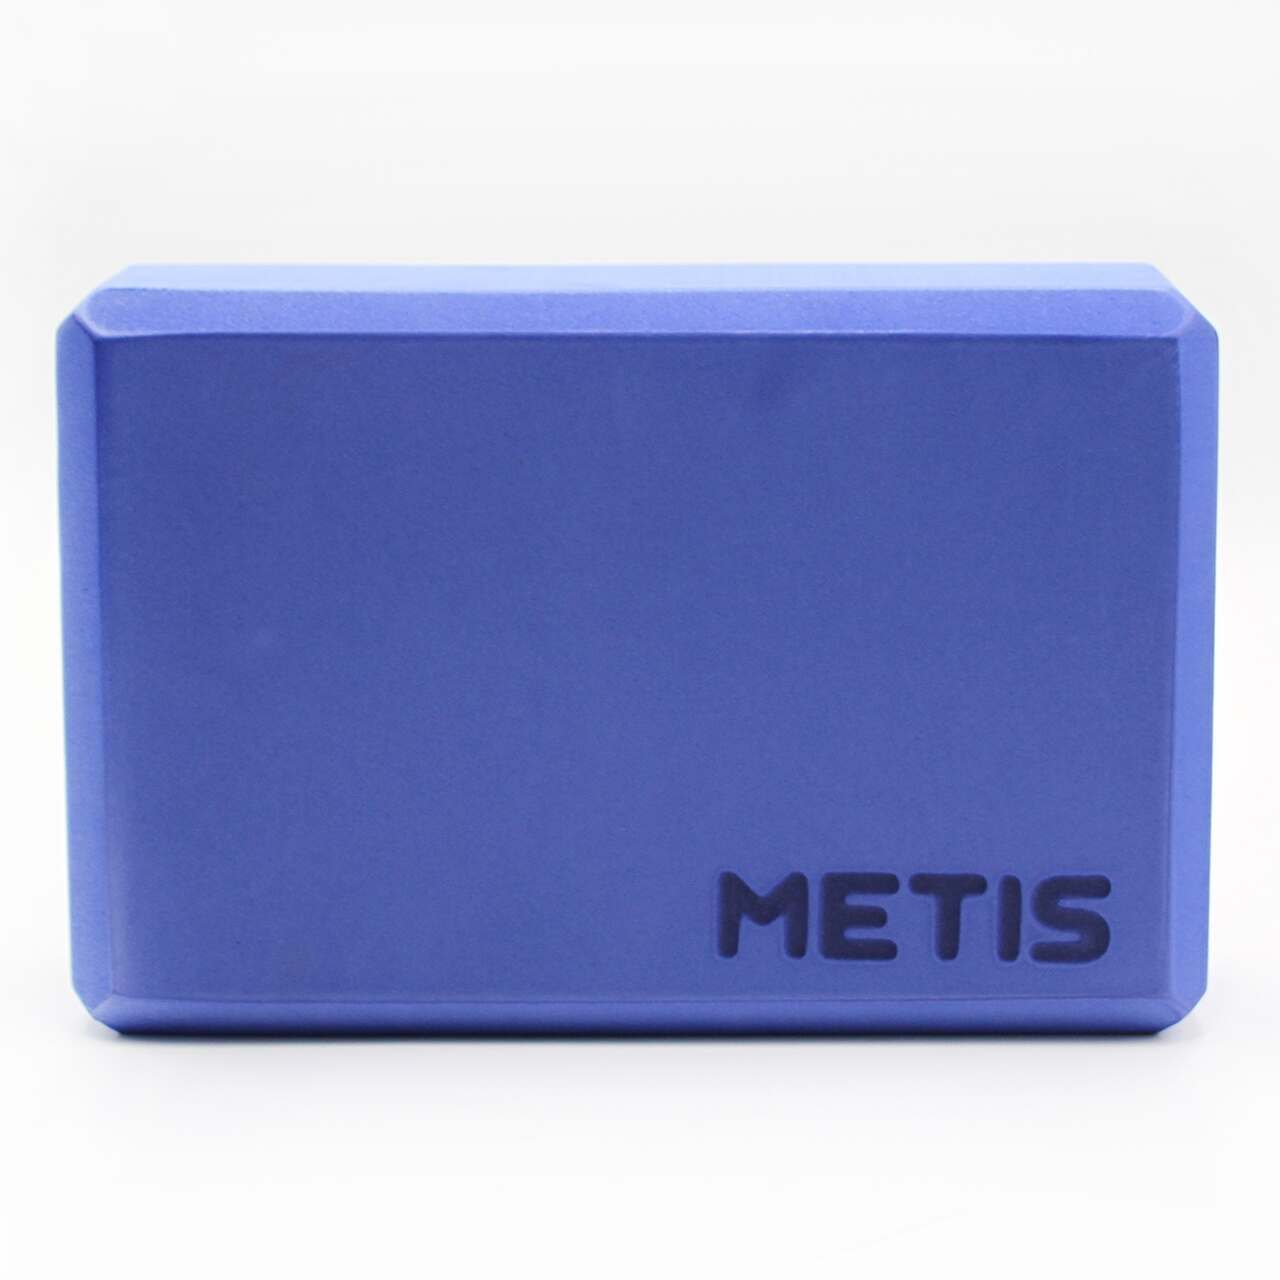 Metis Yoga Brick (7.5cm x 15cm x 23cm)